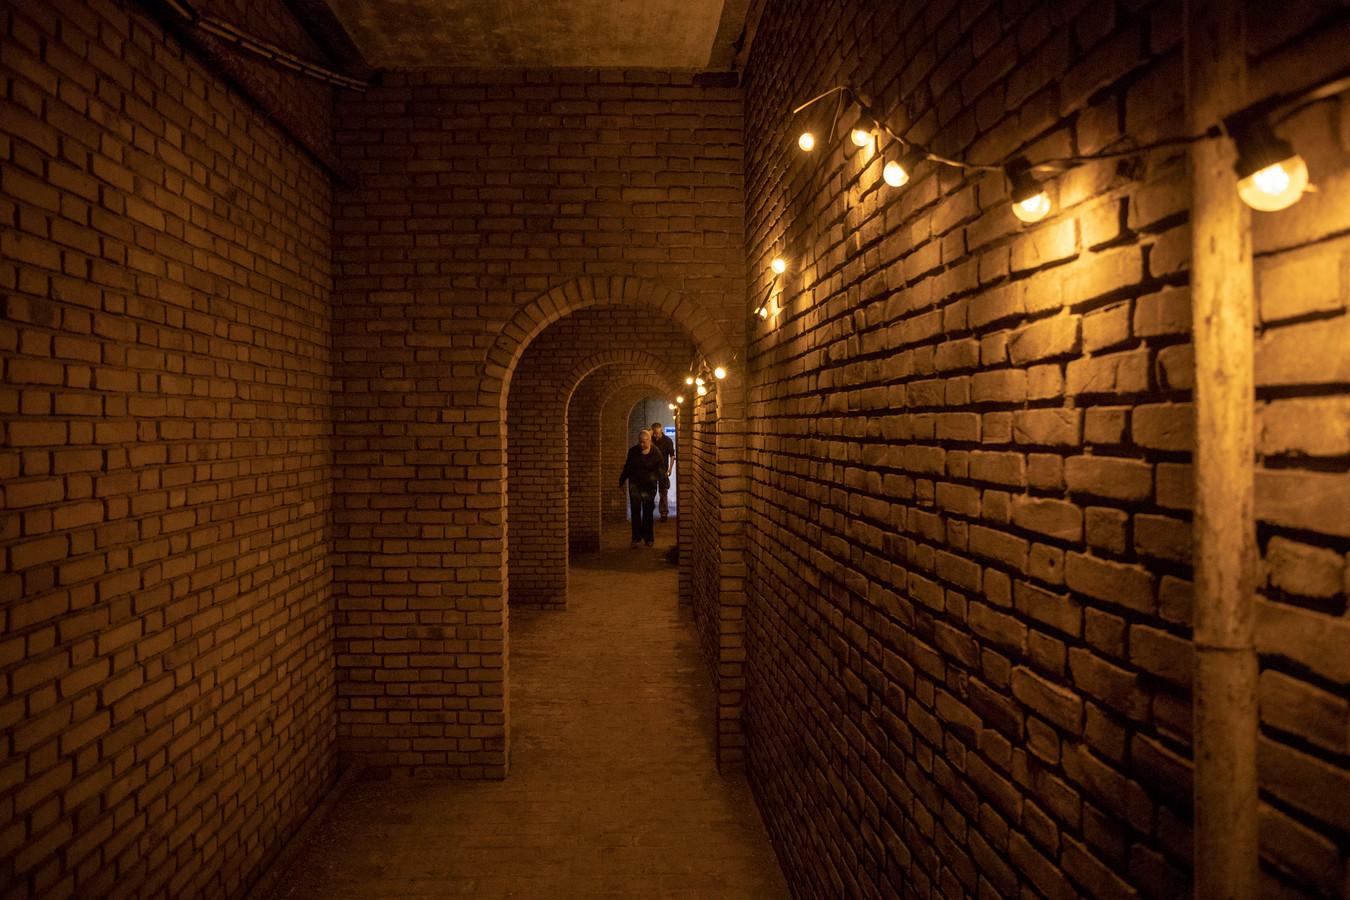 De gang onder de Muur van Mussert was ook opengesteld voor het publiek.